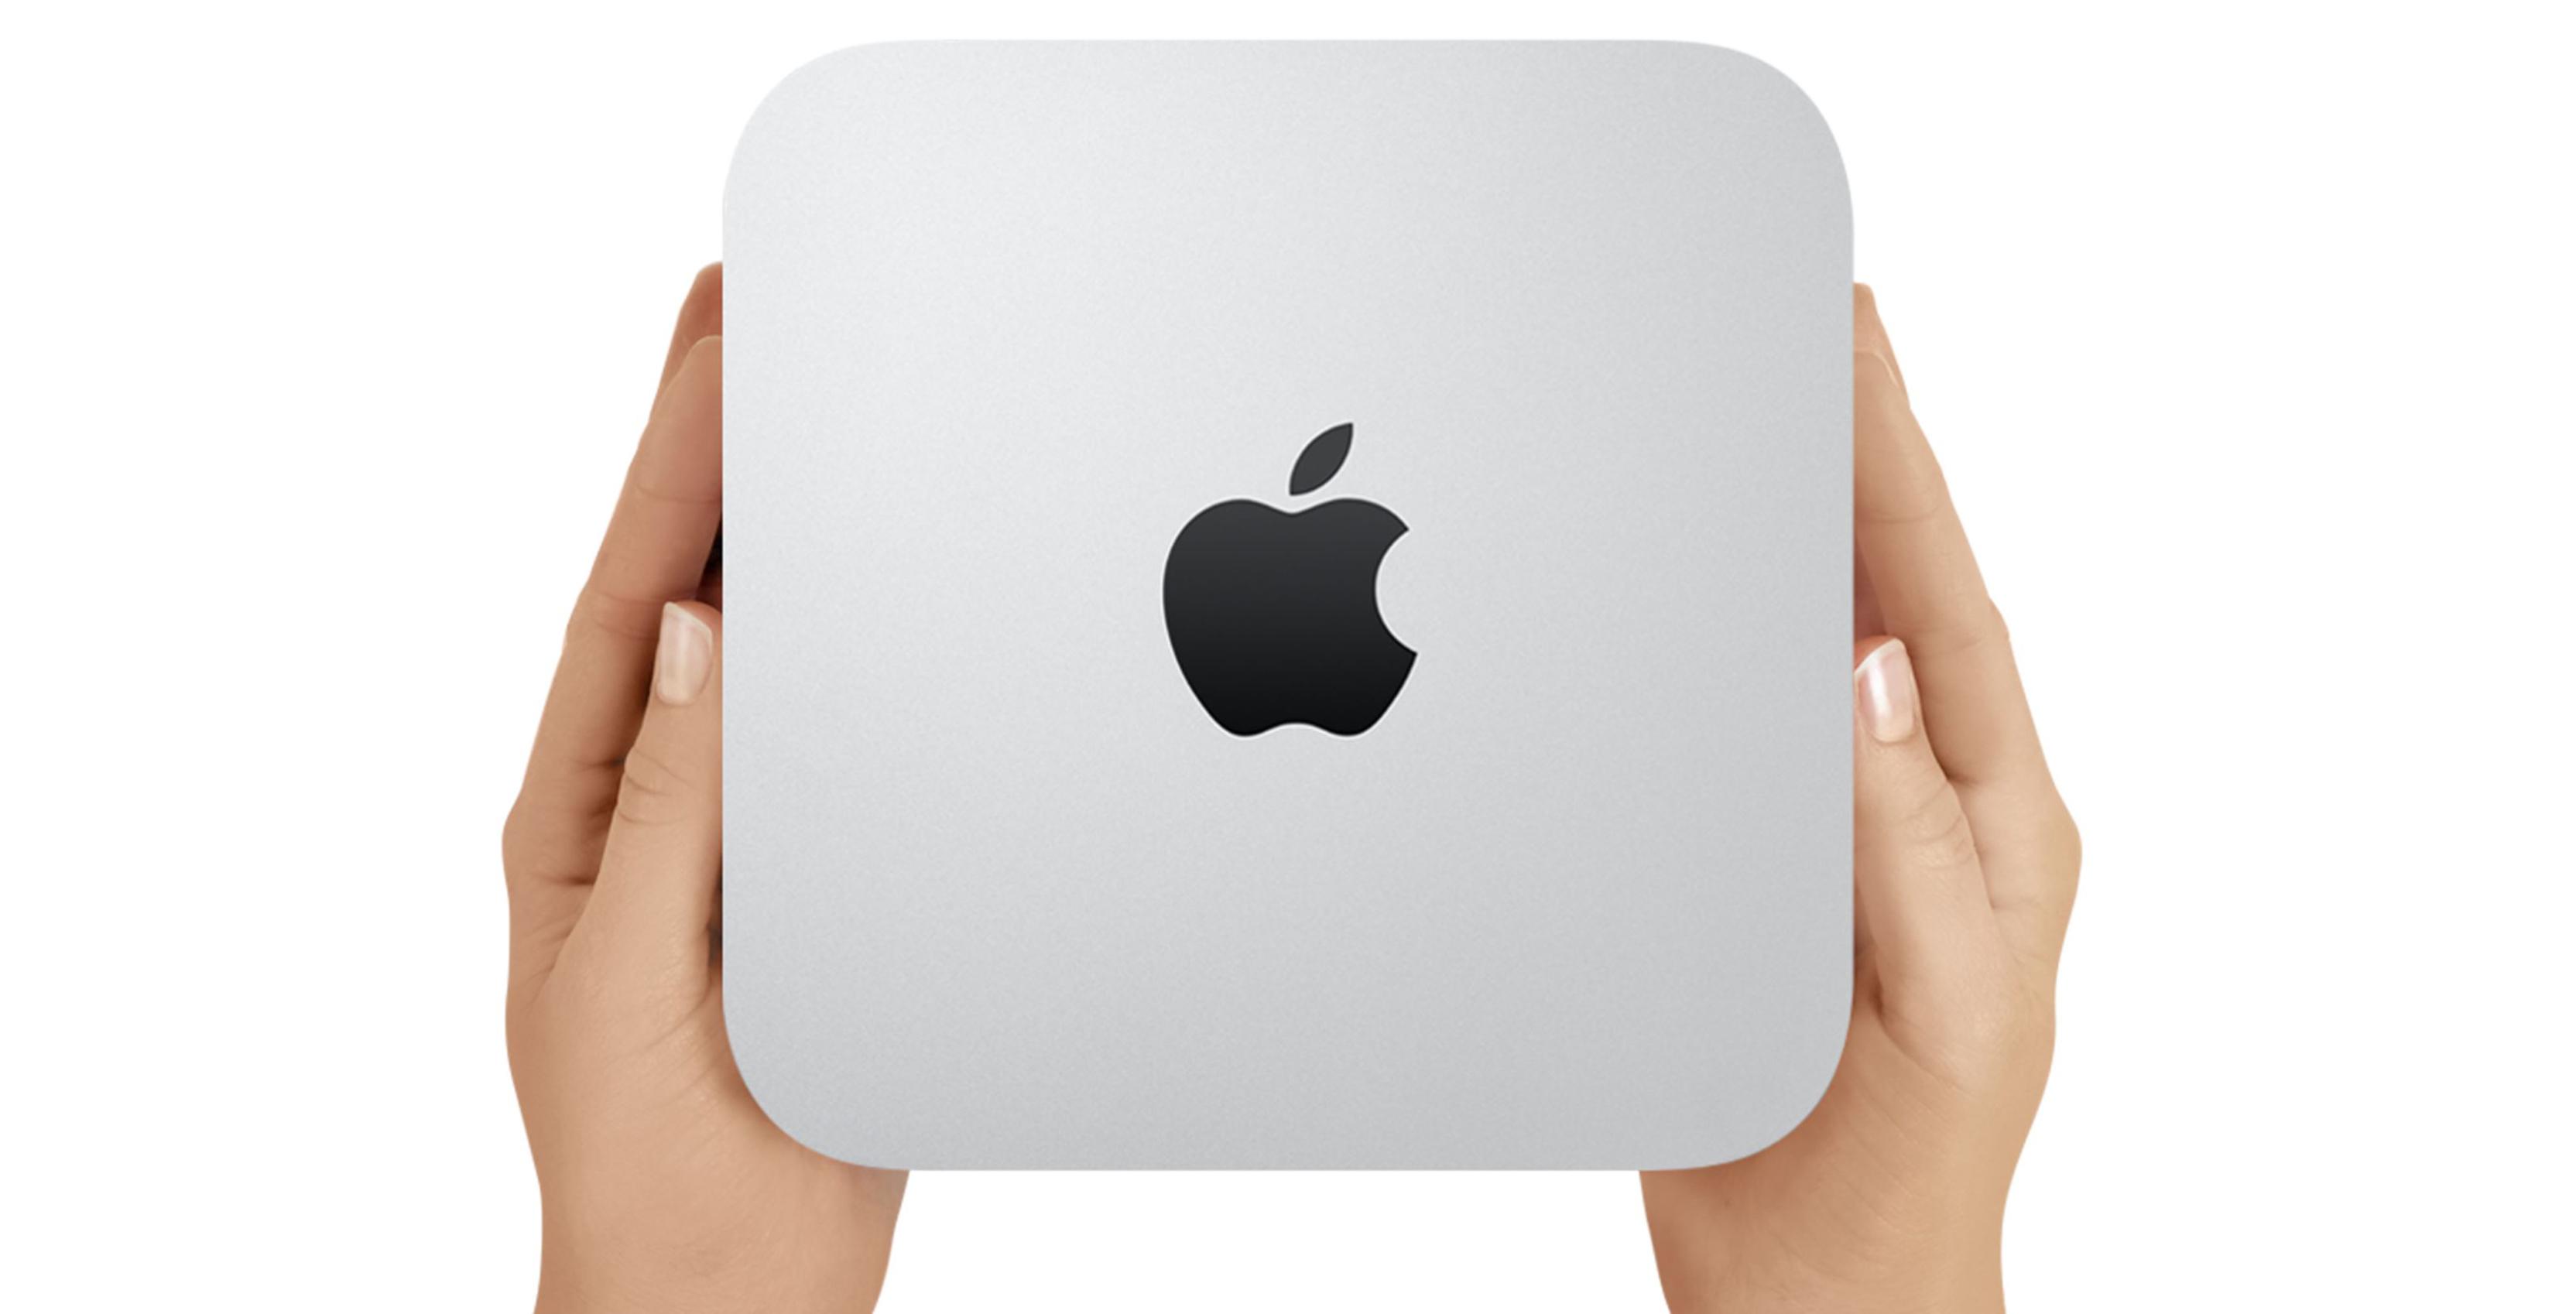 Mac mini in the hands